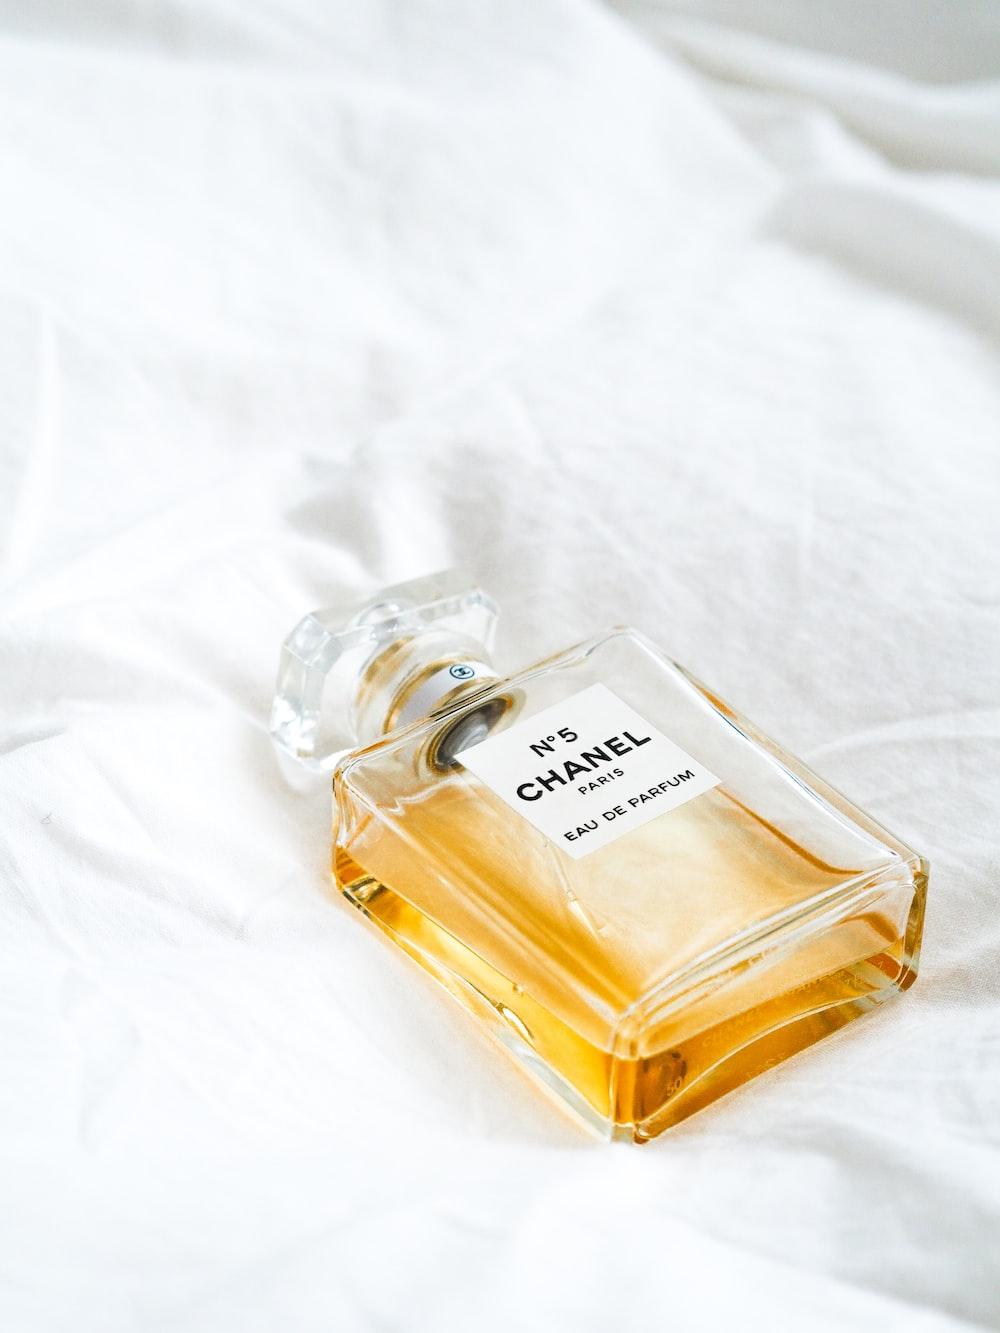 No 5 Chanel fragrance bottle